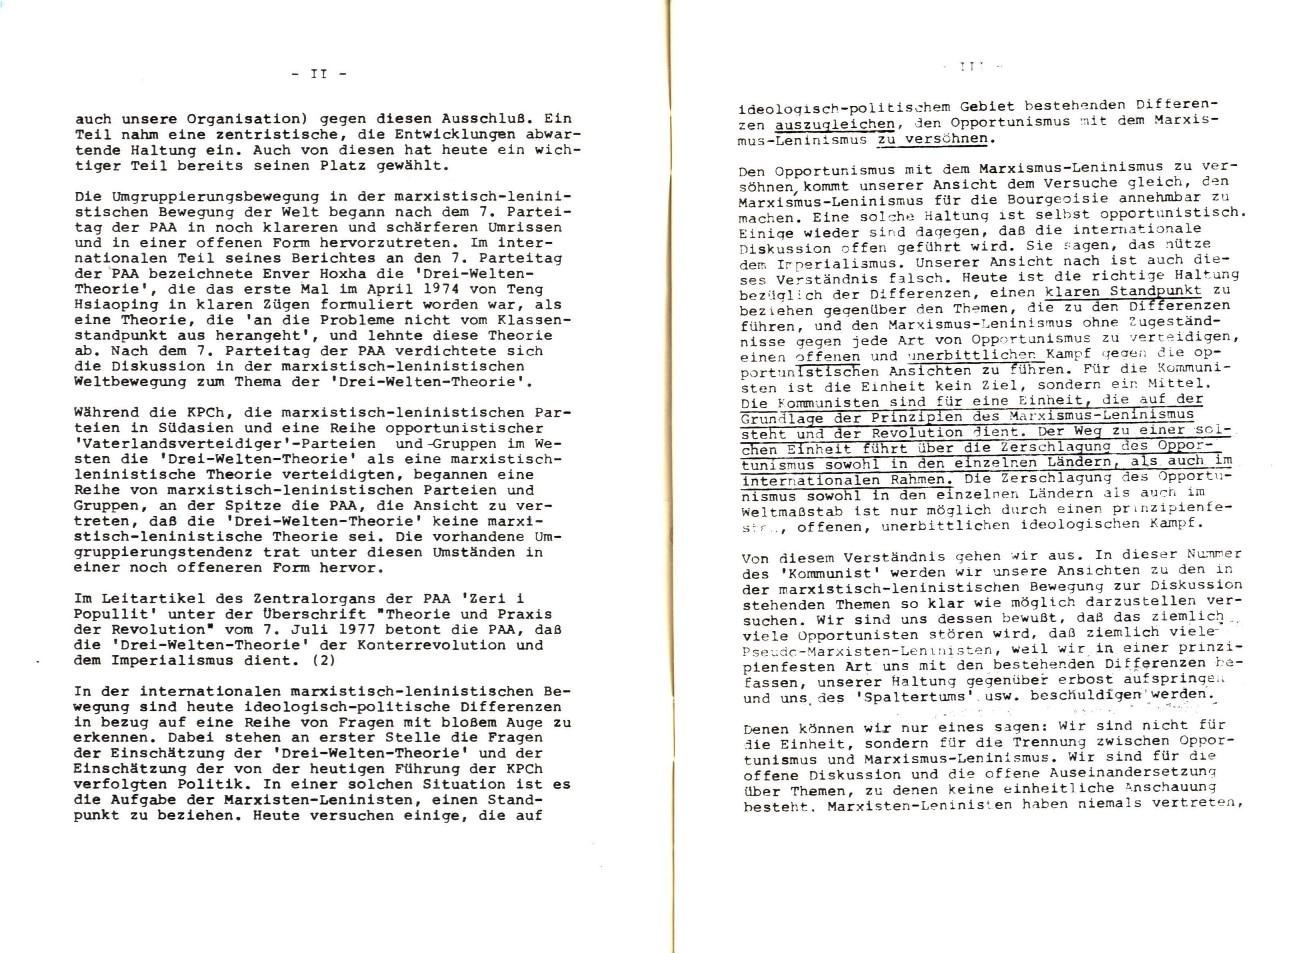 MLSK_Theorie_und_Praxis_des_ML_1978_21_08